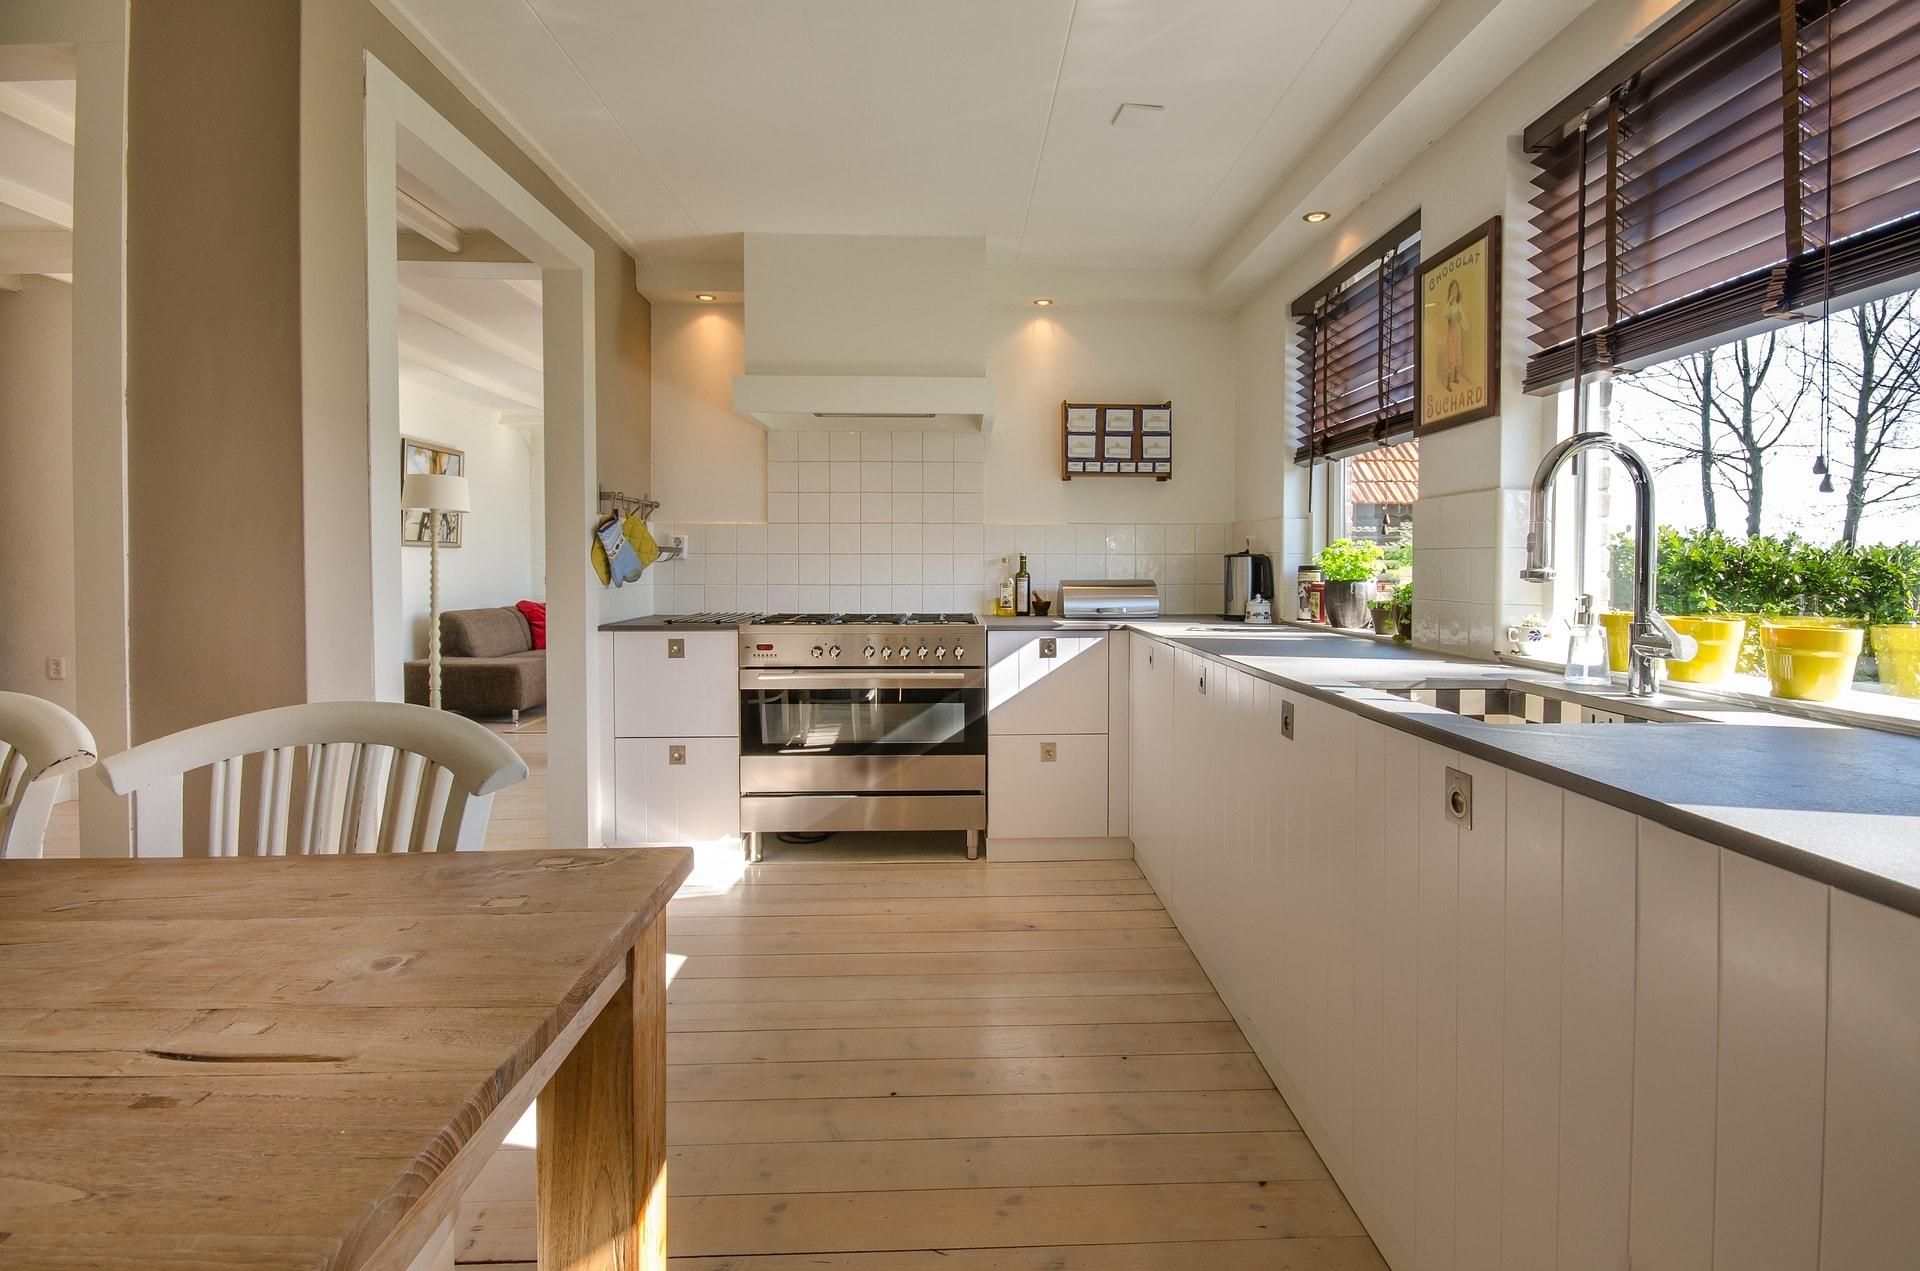 ᐅ Küchenzeile Mit Elektrogeräten Und Geschirrspüler